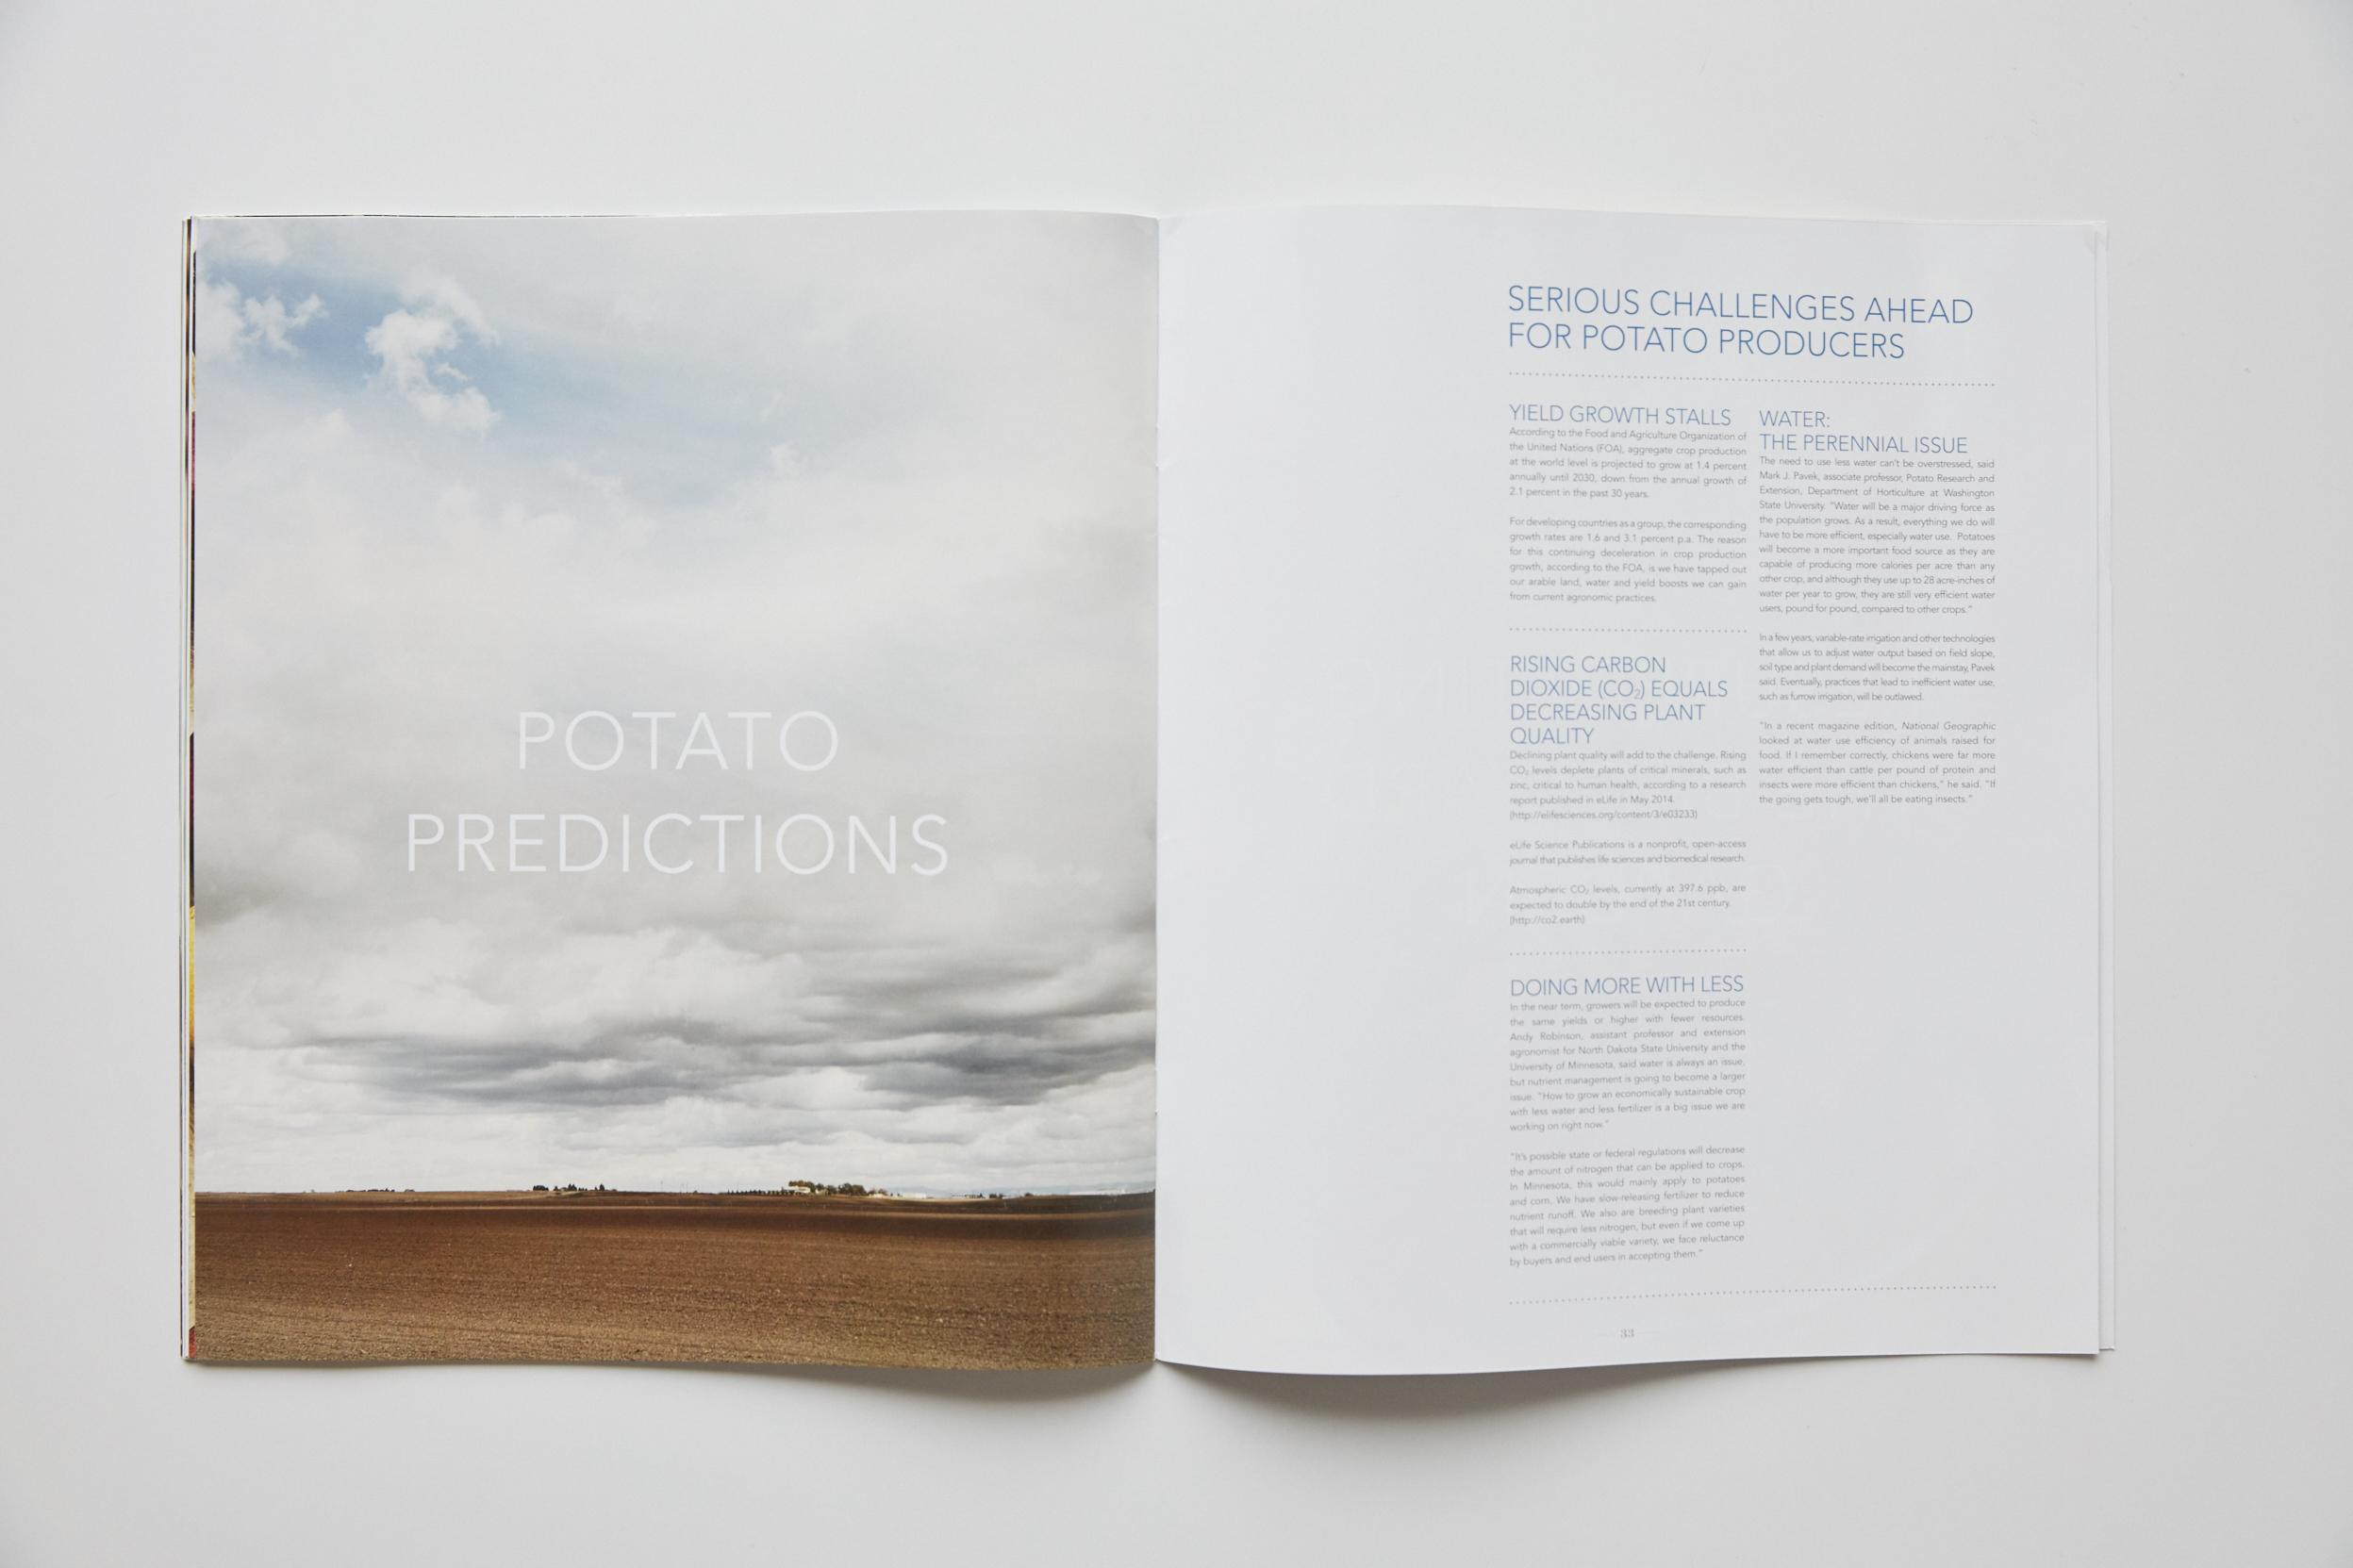 CWT Magazine 010 by Derek Israelsen Predictions.jpg